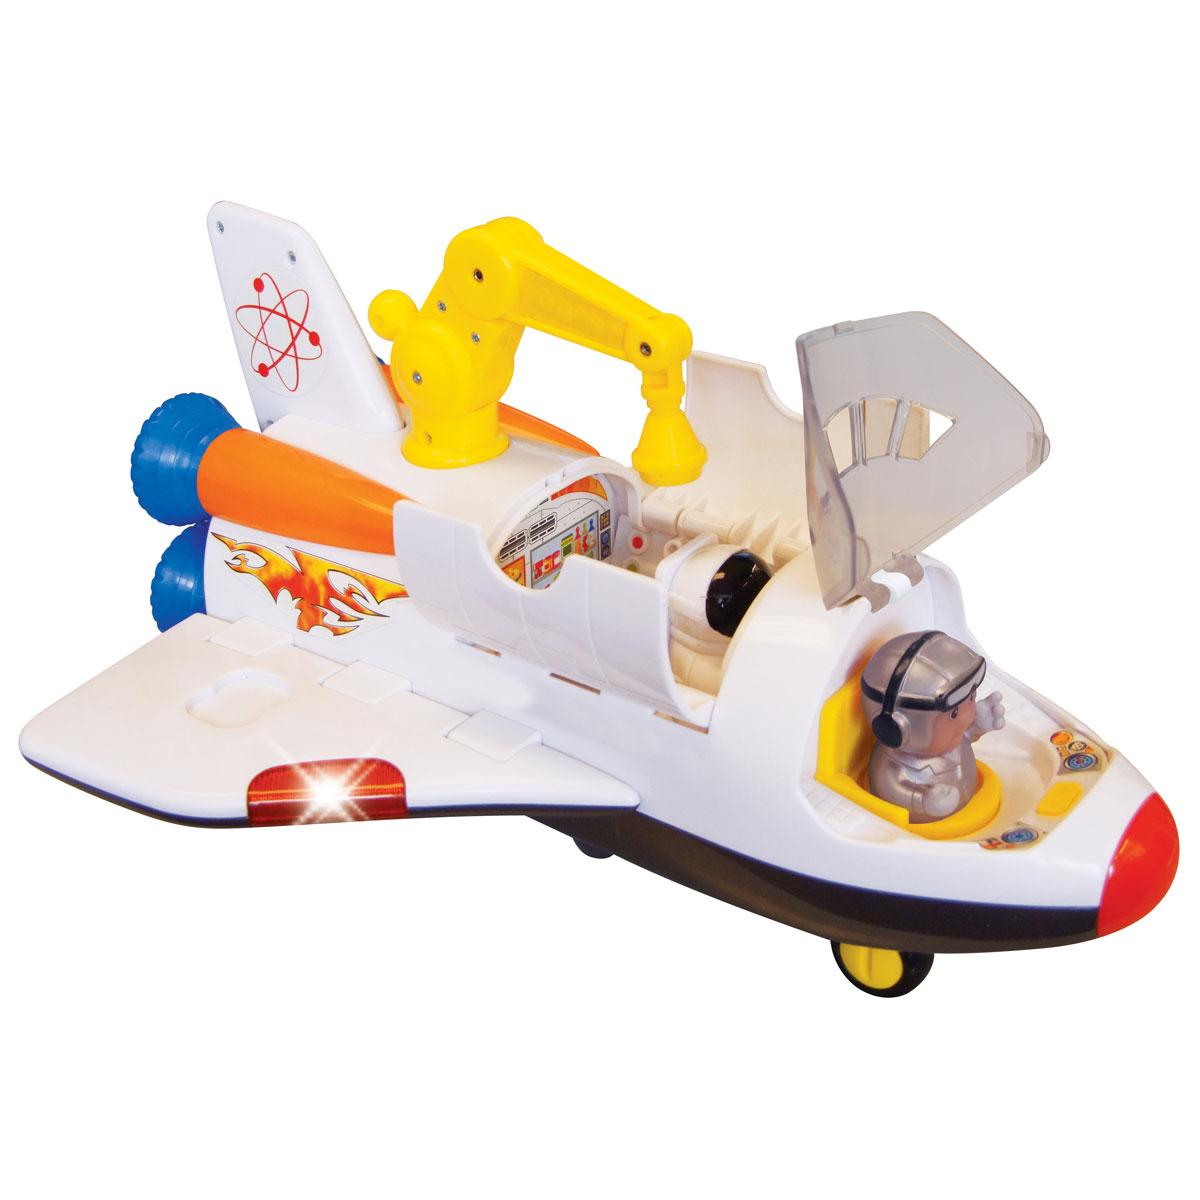 Kiddieland Развивающая игрушка Космический корабль